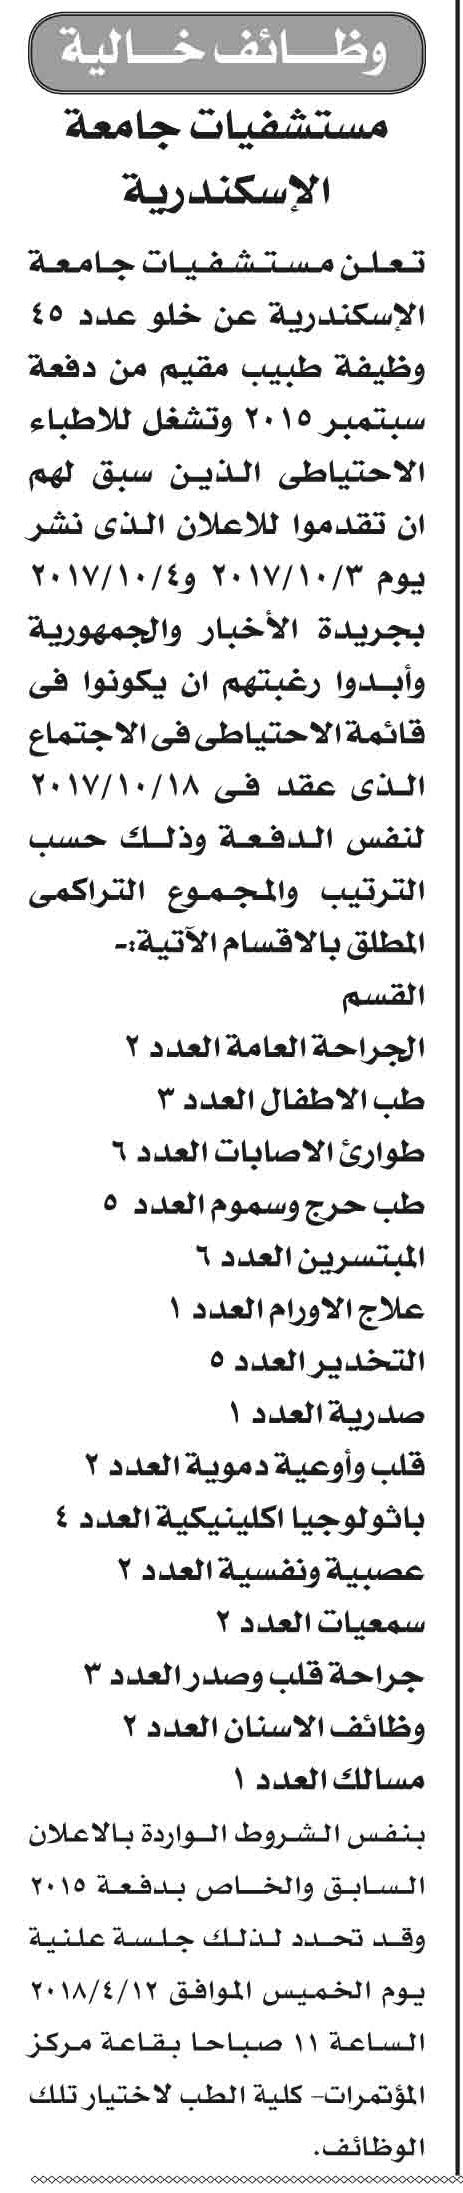 وظائف خالية بمستشفيات جامعة الإسكندرية 1